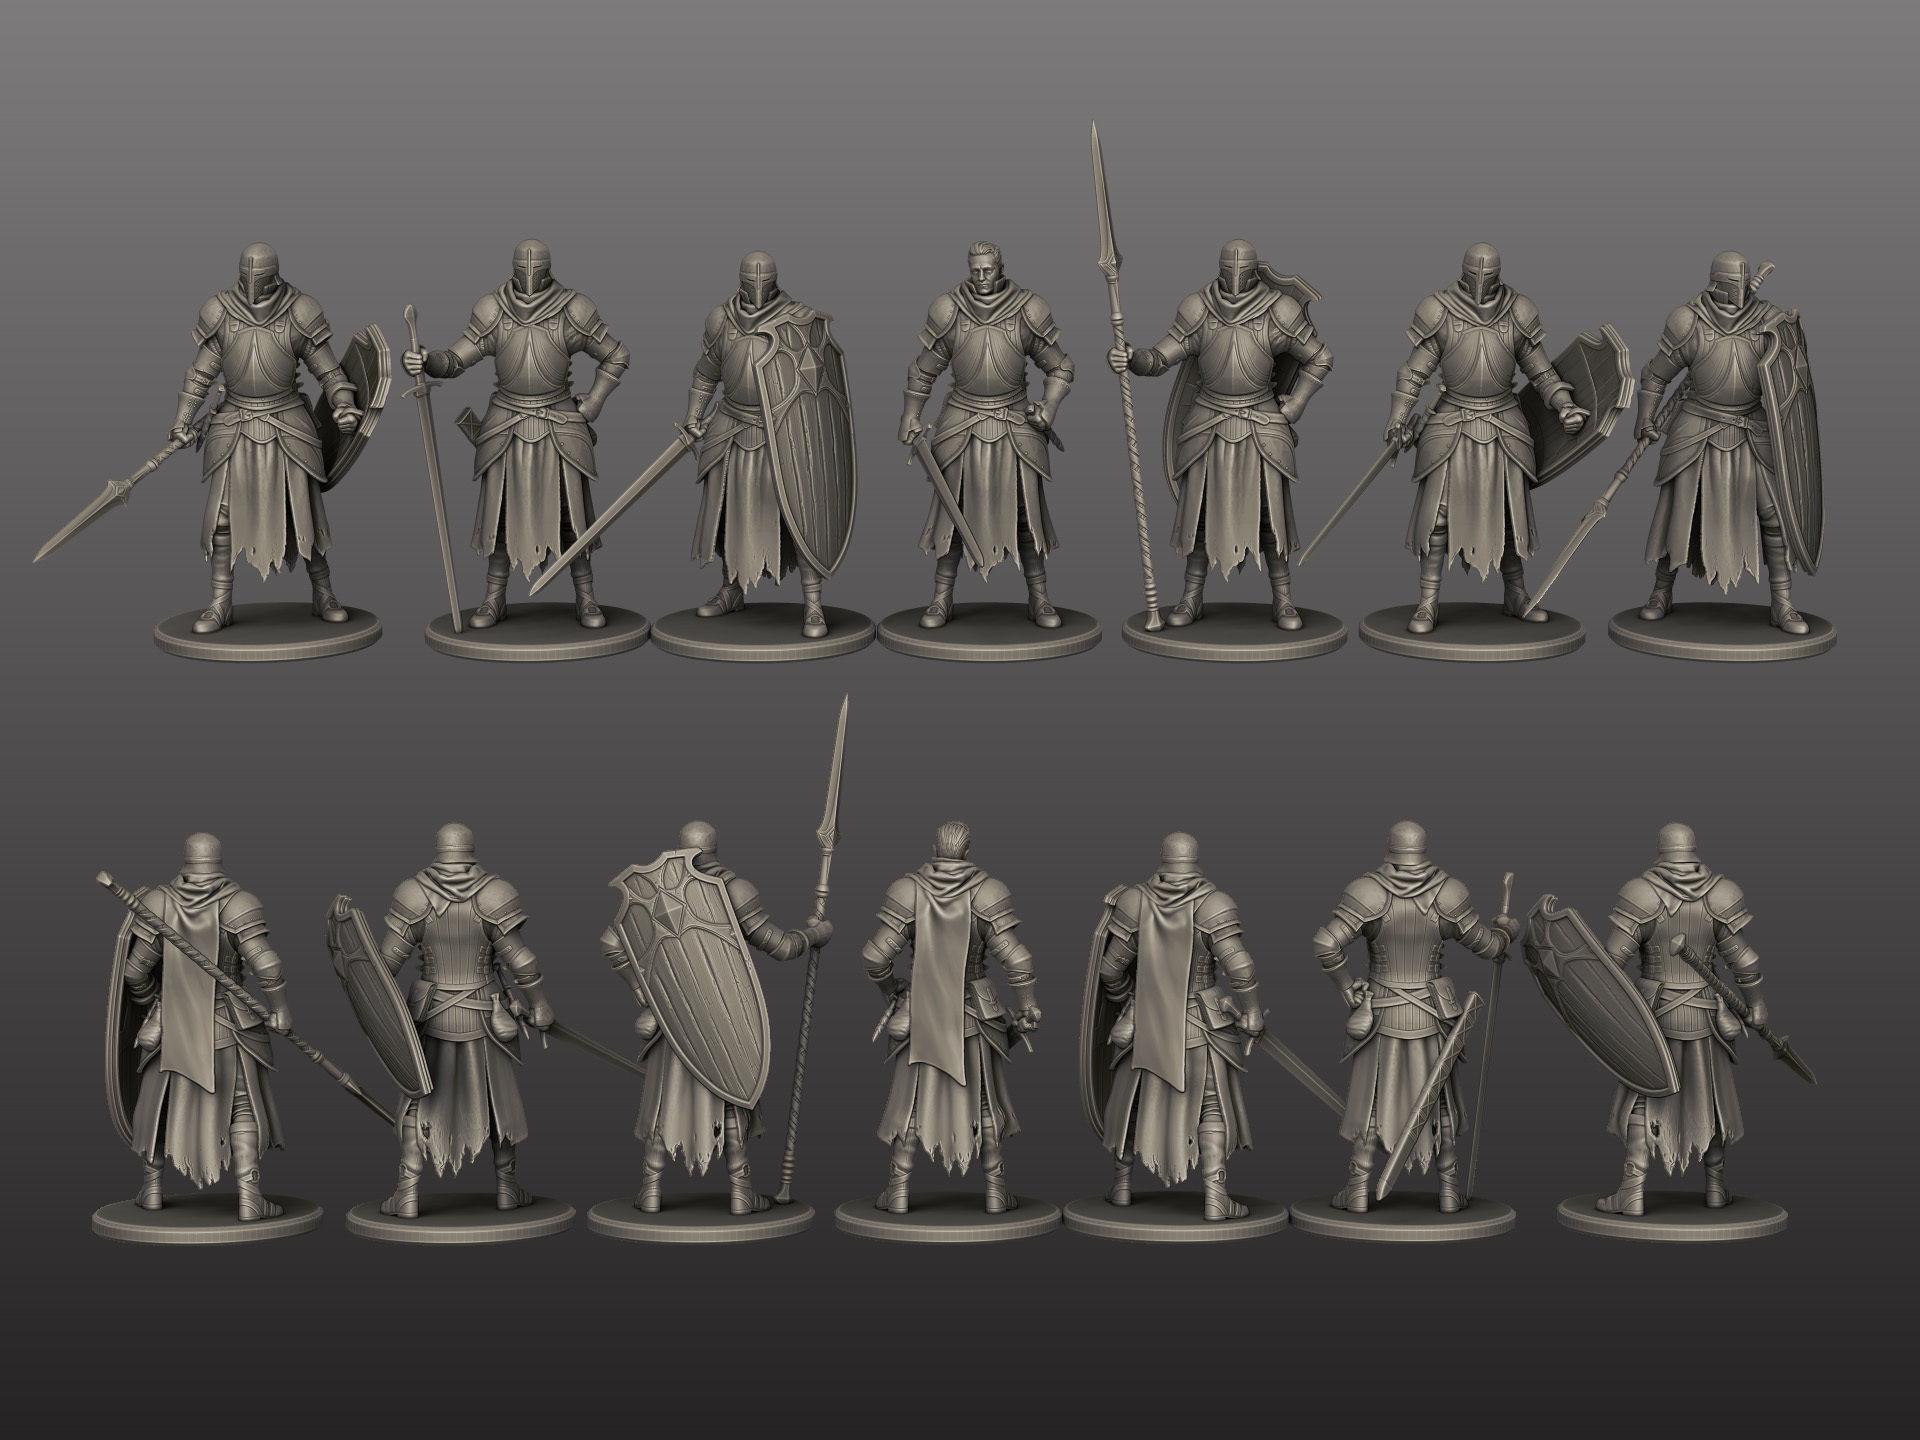 Medival Knights